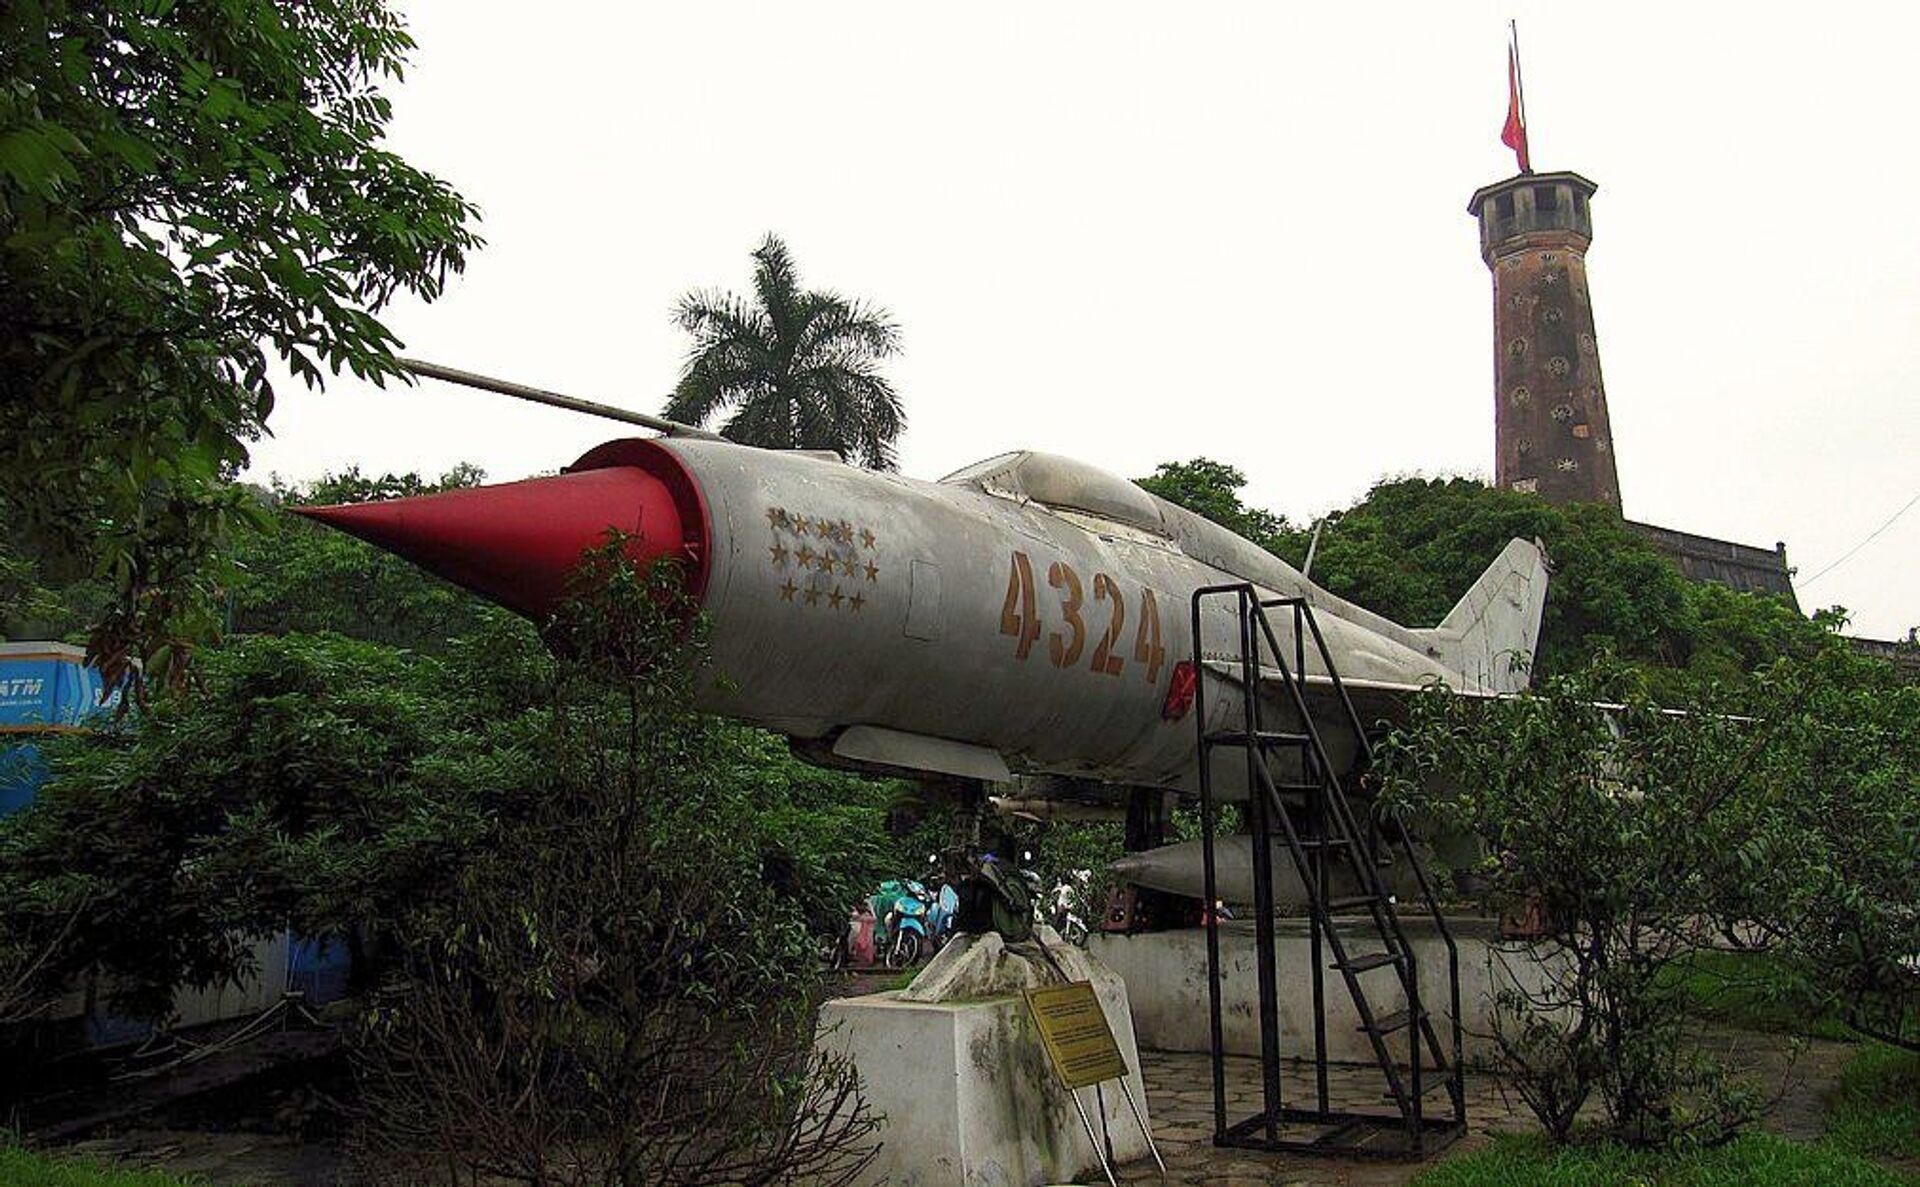 Giống MiG-21 ở Việt Nam: Xướng danh vũ khí Nga khiến kẻ thù khiếp sợ - Sputnik Việt Nam, 1920, 31.05.2021